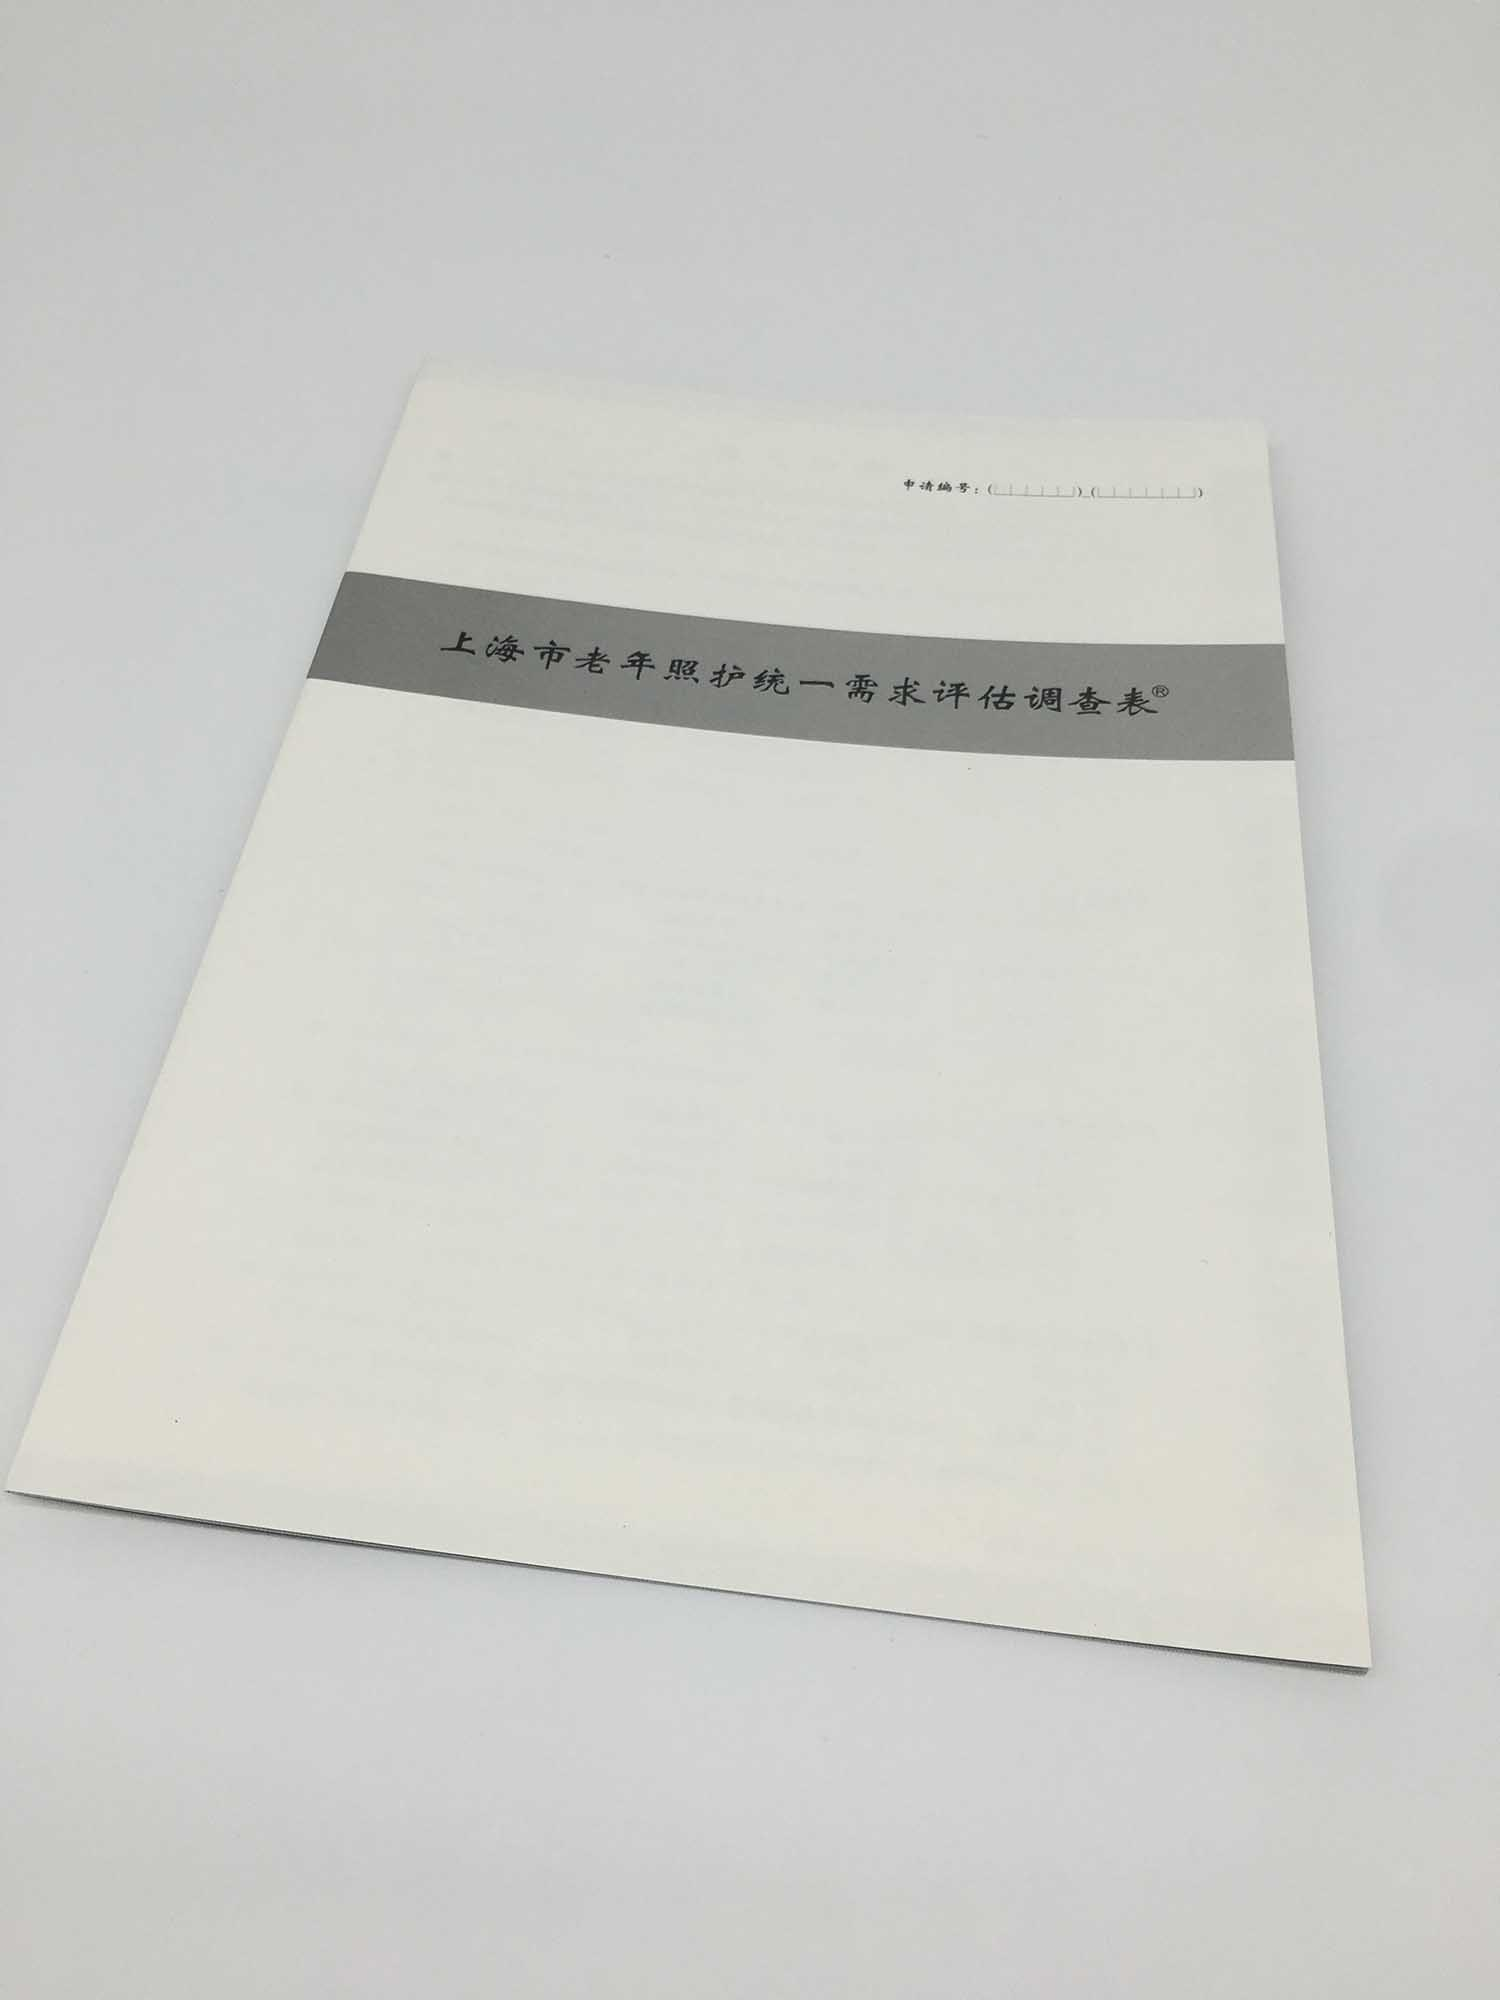 盐边印刷厂画册样本宣传册定制